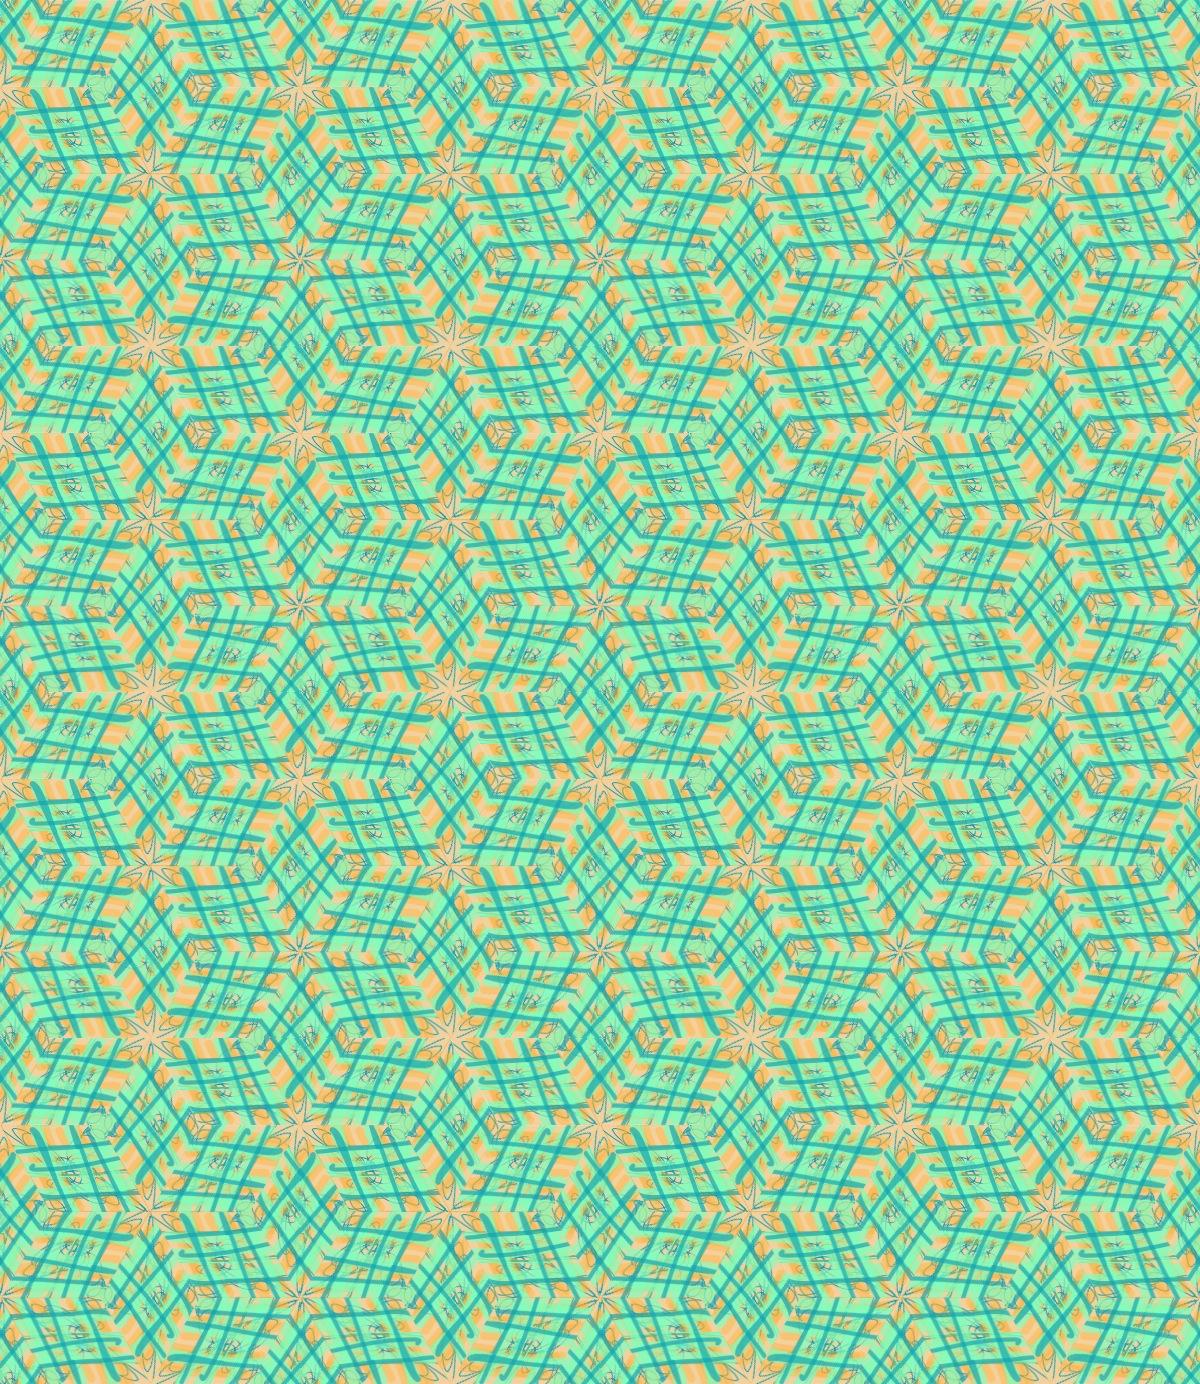 087_tiled